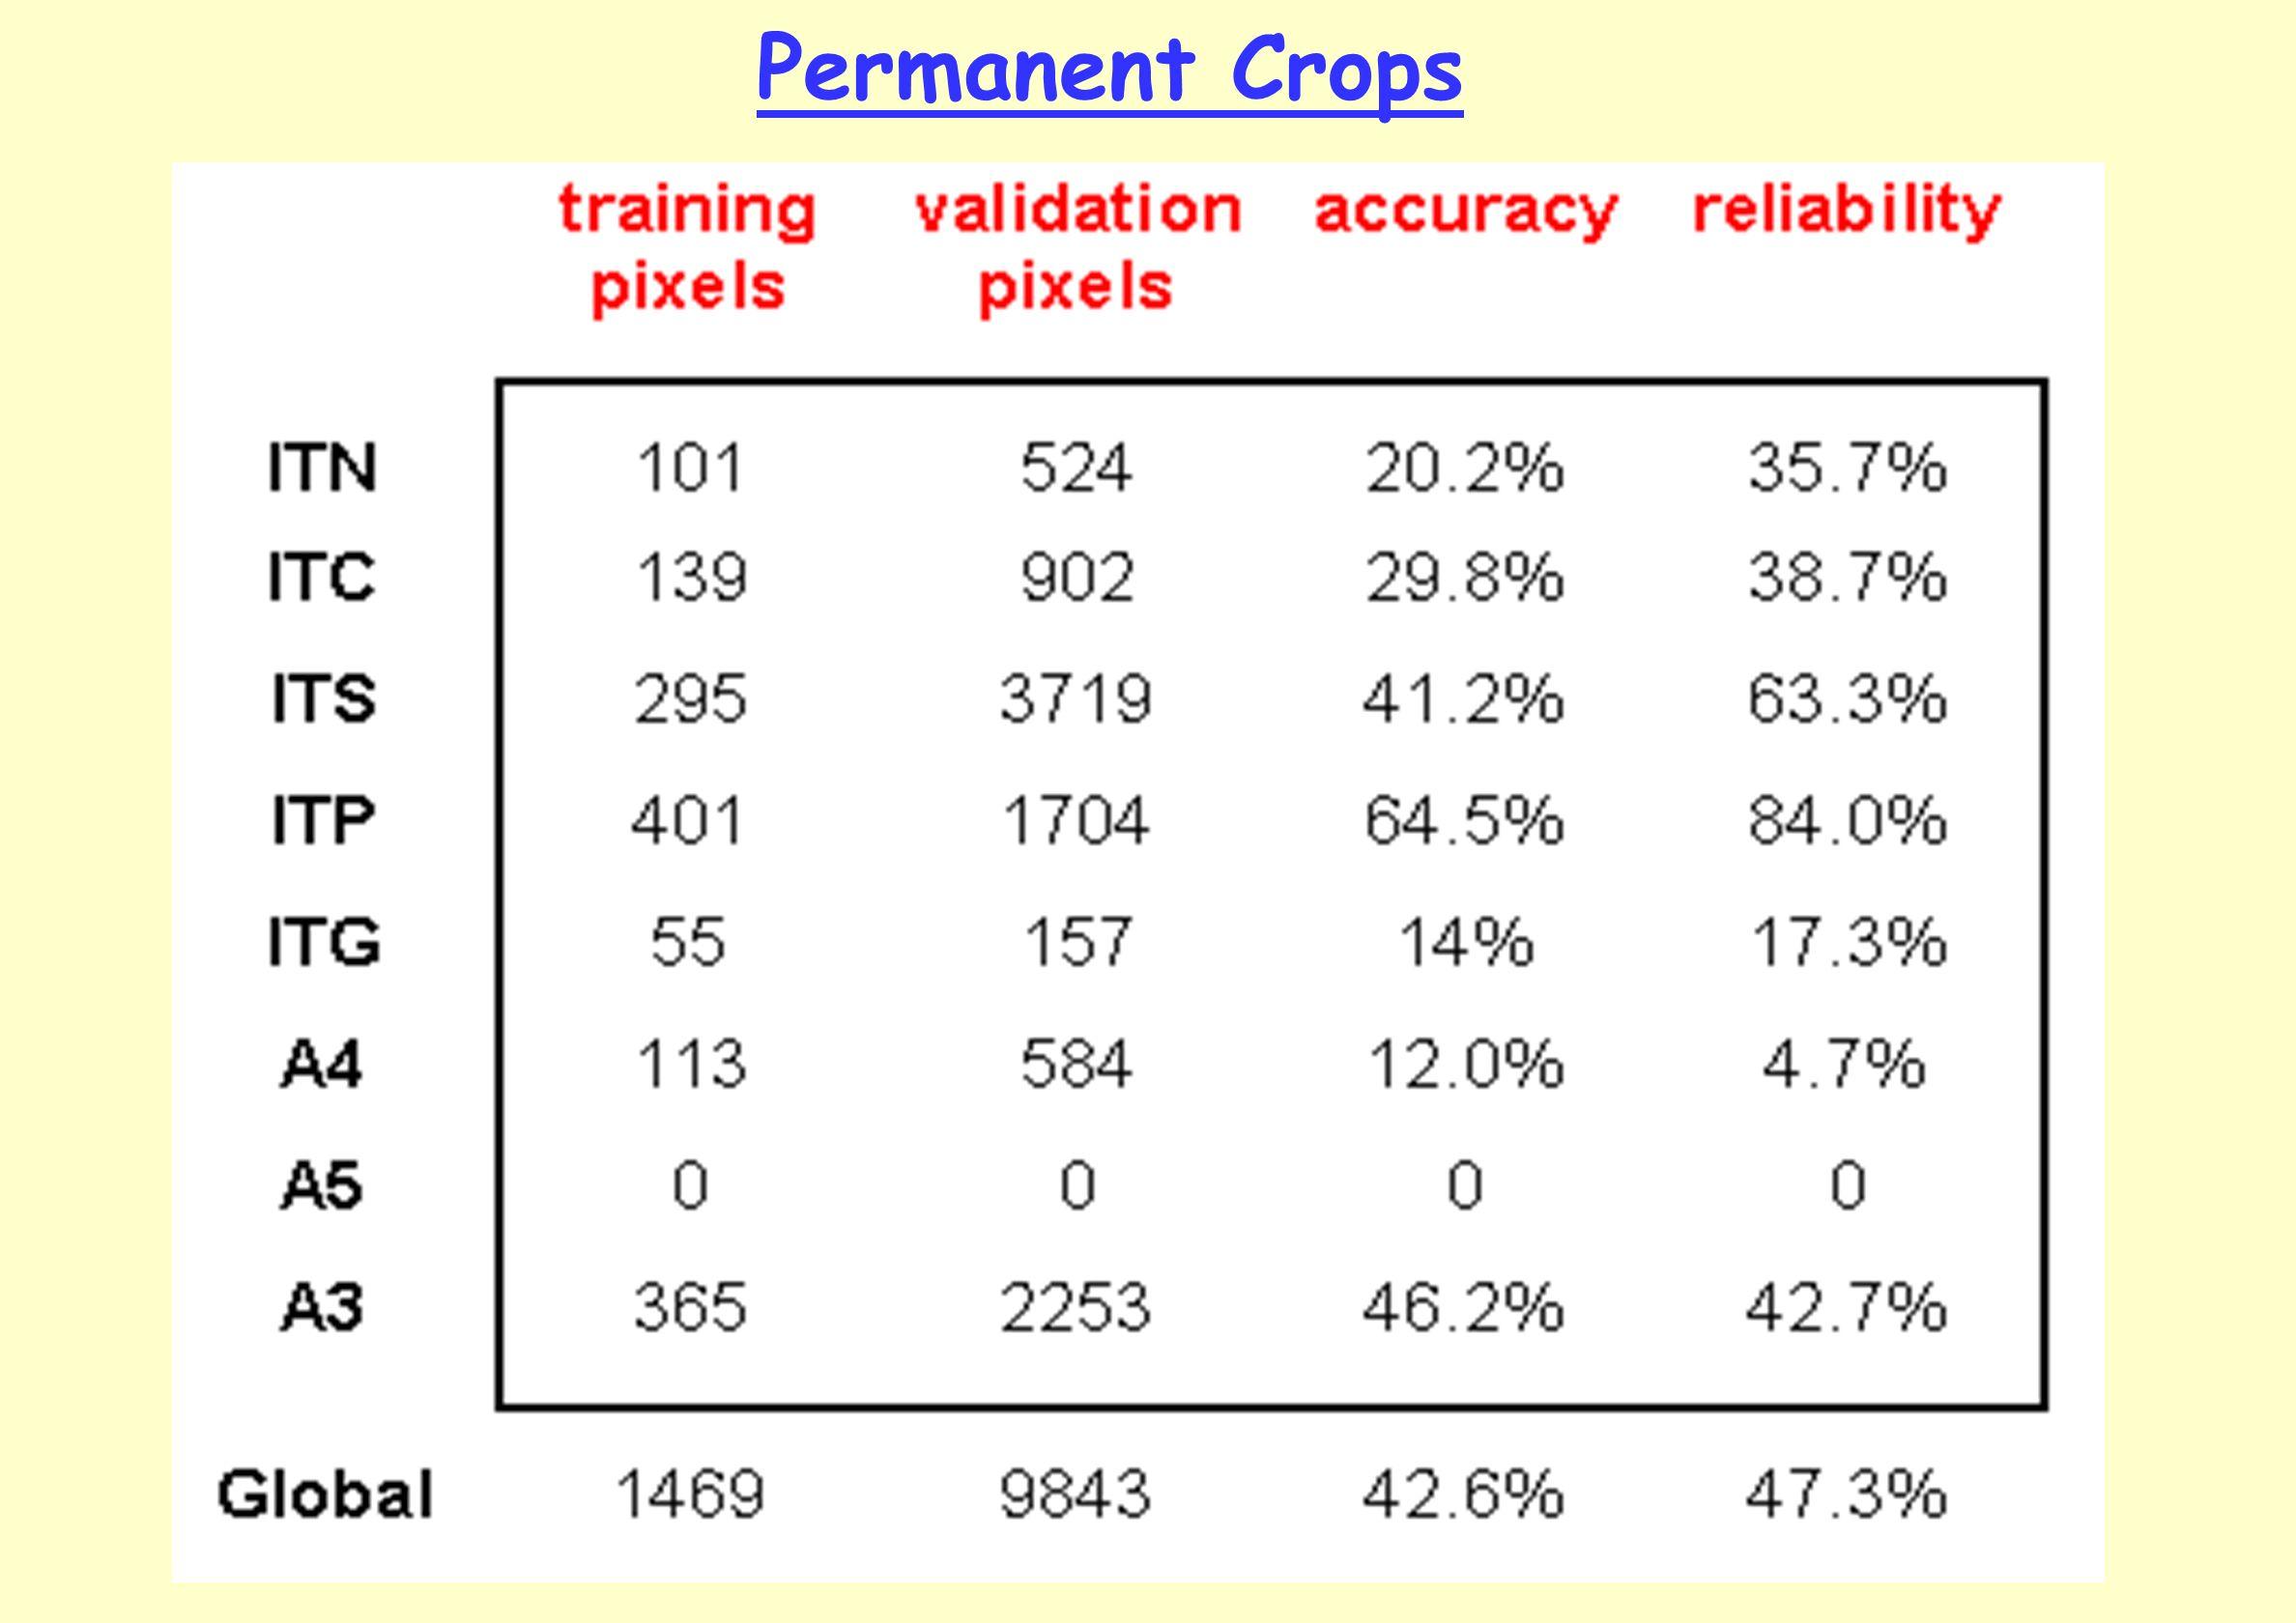 Permanent Crops